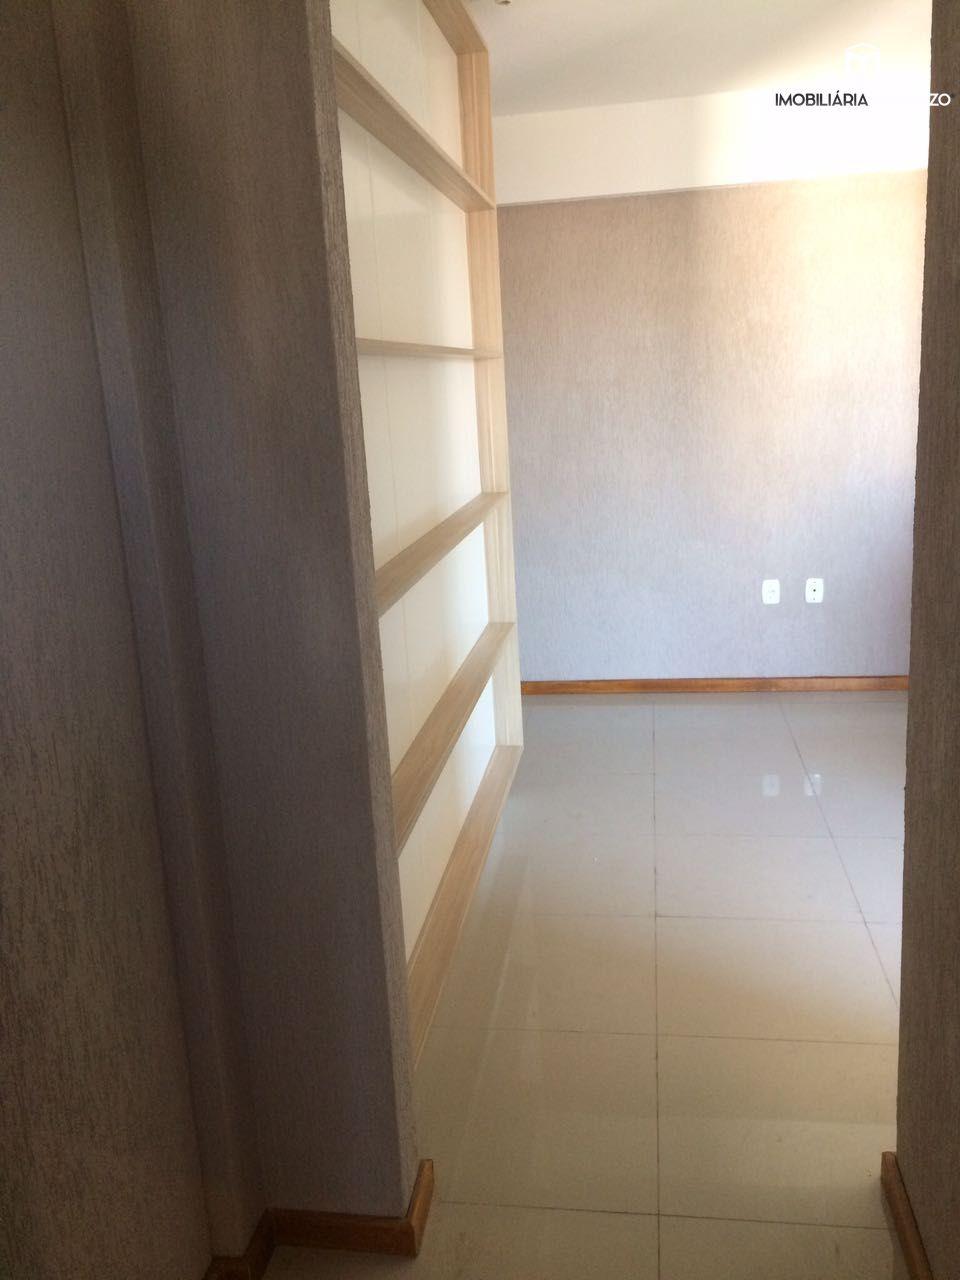 Kitinets/conjugados com 1 Dormitórios à venda, 32 m² por R$ 145.000,00